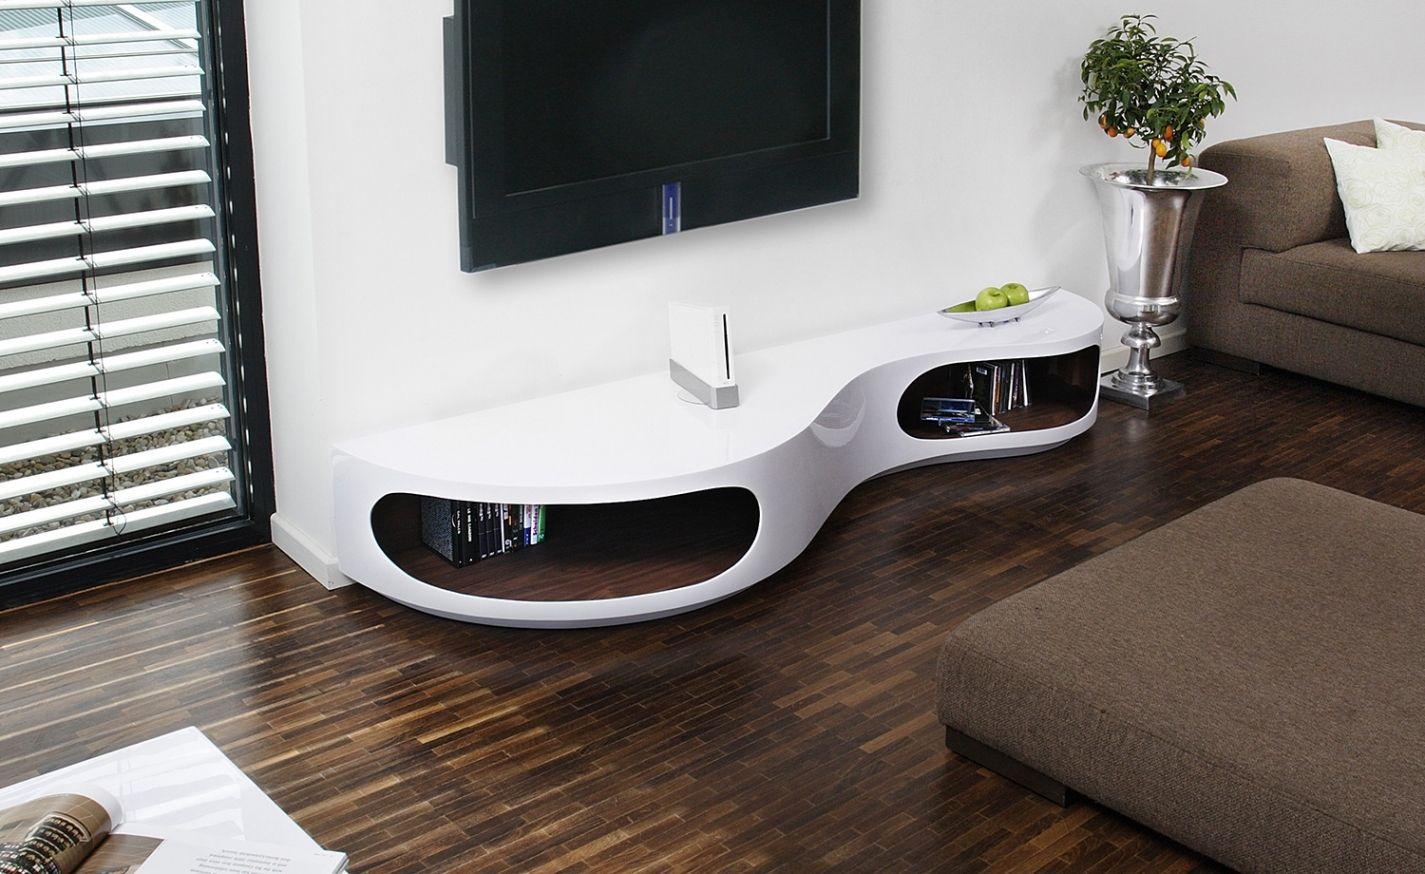 naturholzmobel wohnzimmer : Ehrfurchtiges Naturholzmobel Wohnzimmer Am Besten B Ro St Hle Home